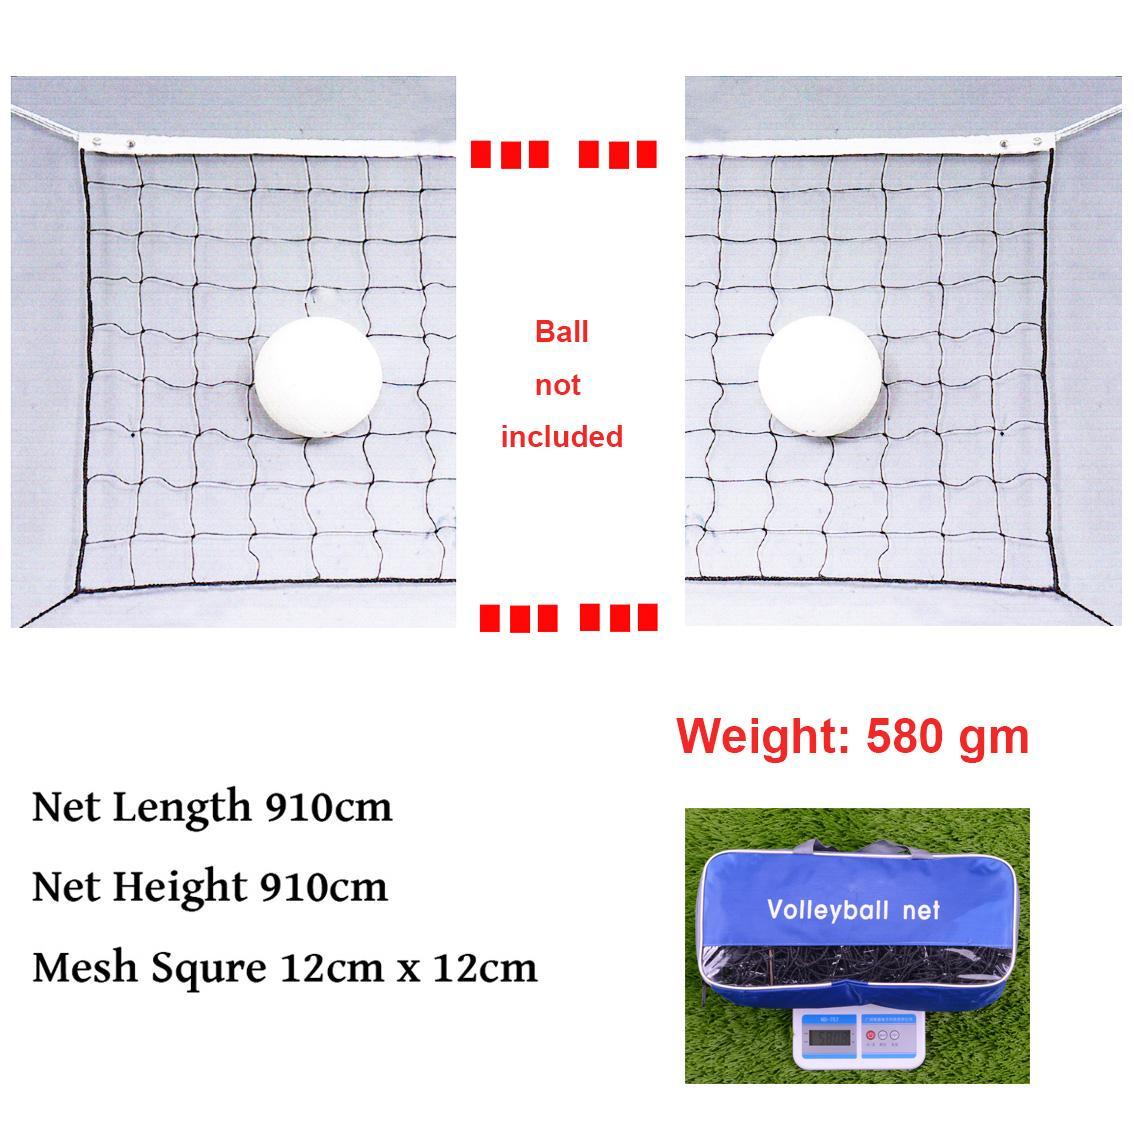 Perlengkapan Olahraga Bola Voli Manset Celana Panjang Net Resmi Turnament Dengan Kawat Kabel Untuk Taman Sekolah Halaman Belakang Pantai